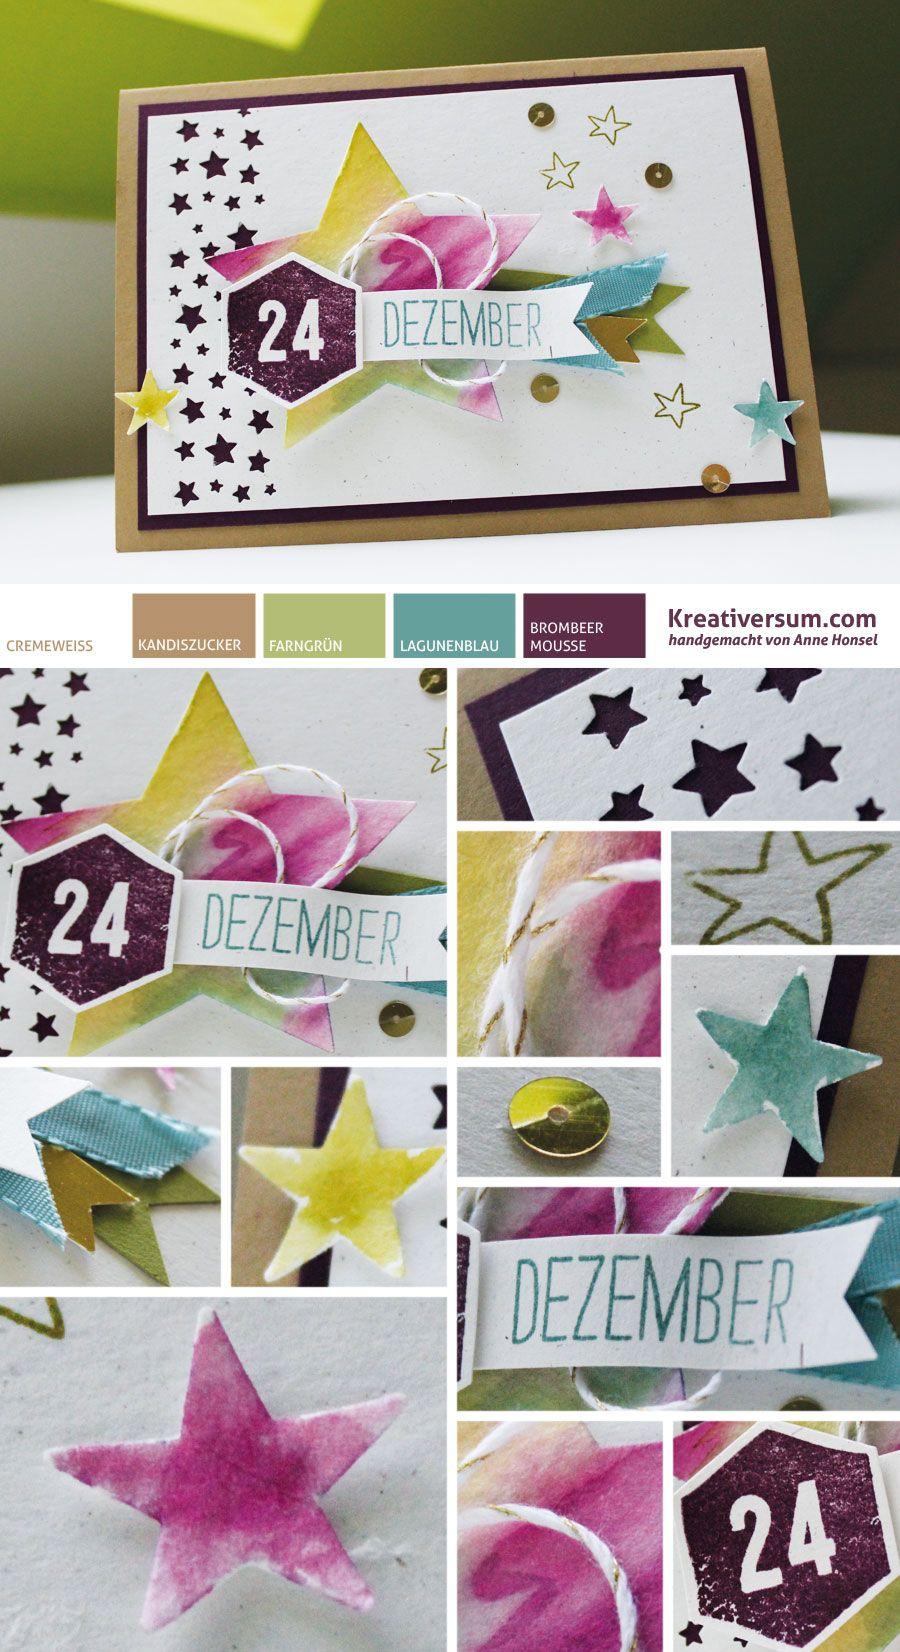 Kreativersum, Stampin\' Up!, SU, Karte, Weihnachten, Winter, Dezember ...